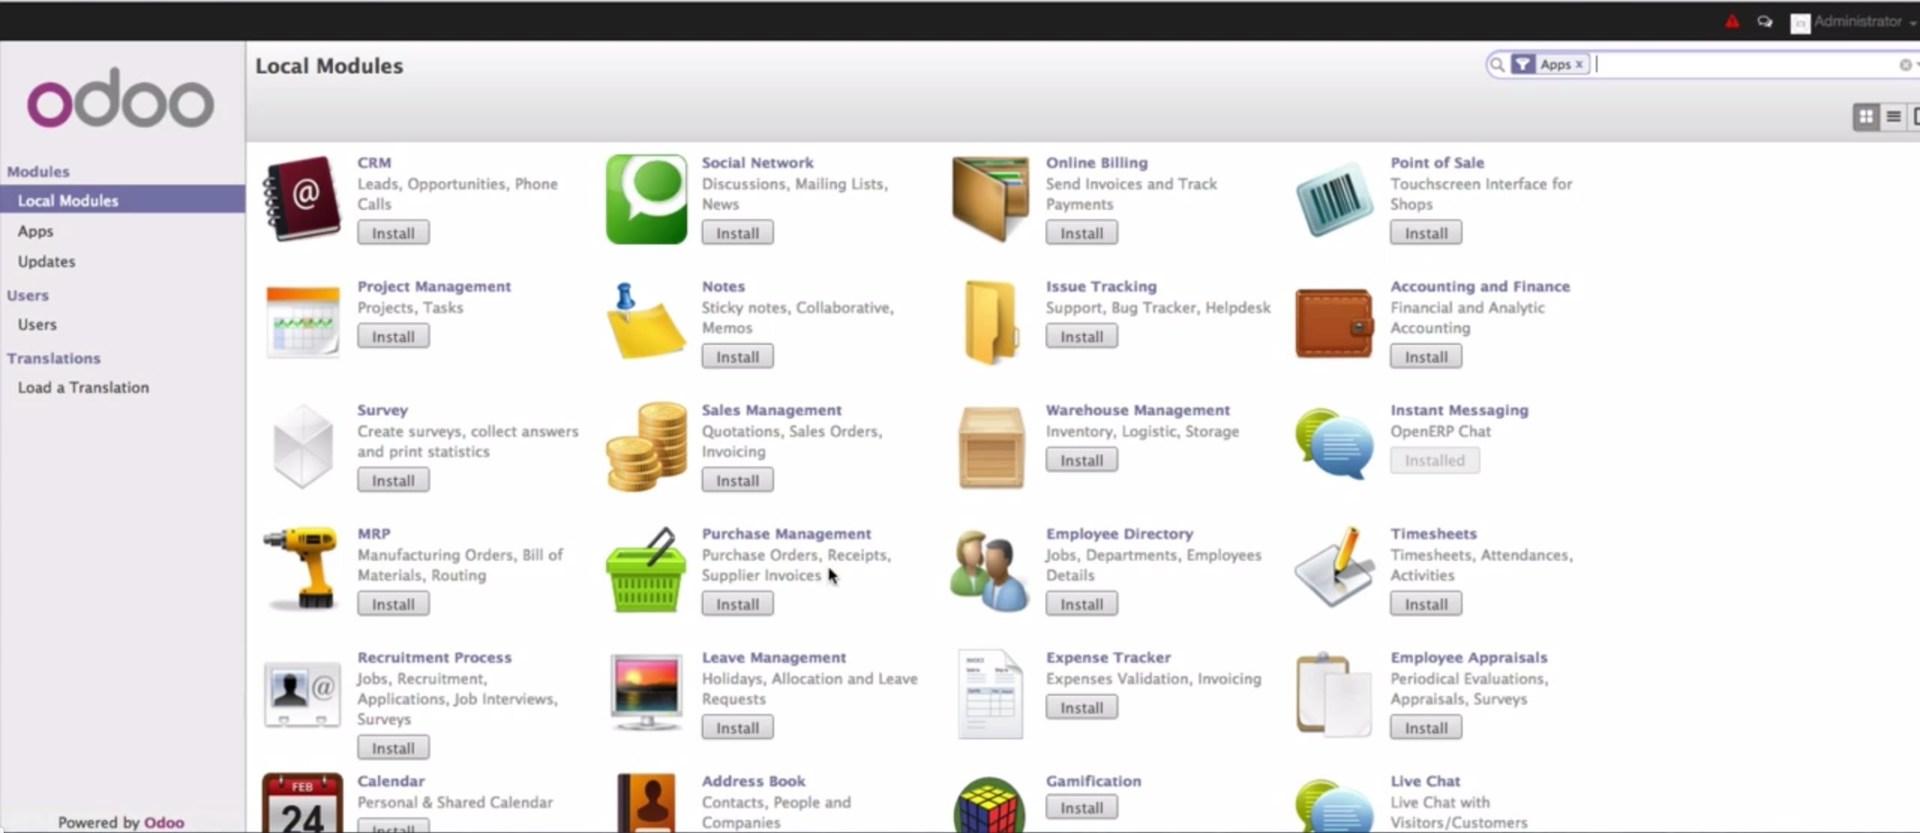 Odoo – сборник open source приложений для бизнеса, включающих в себя системы CRM, POS, создания сайтов